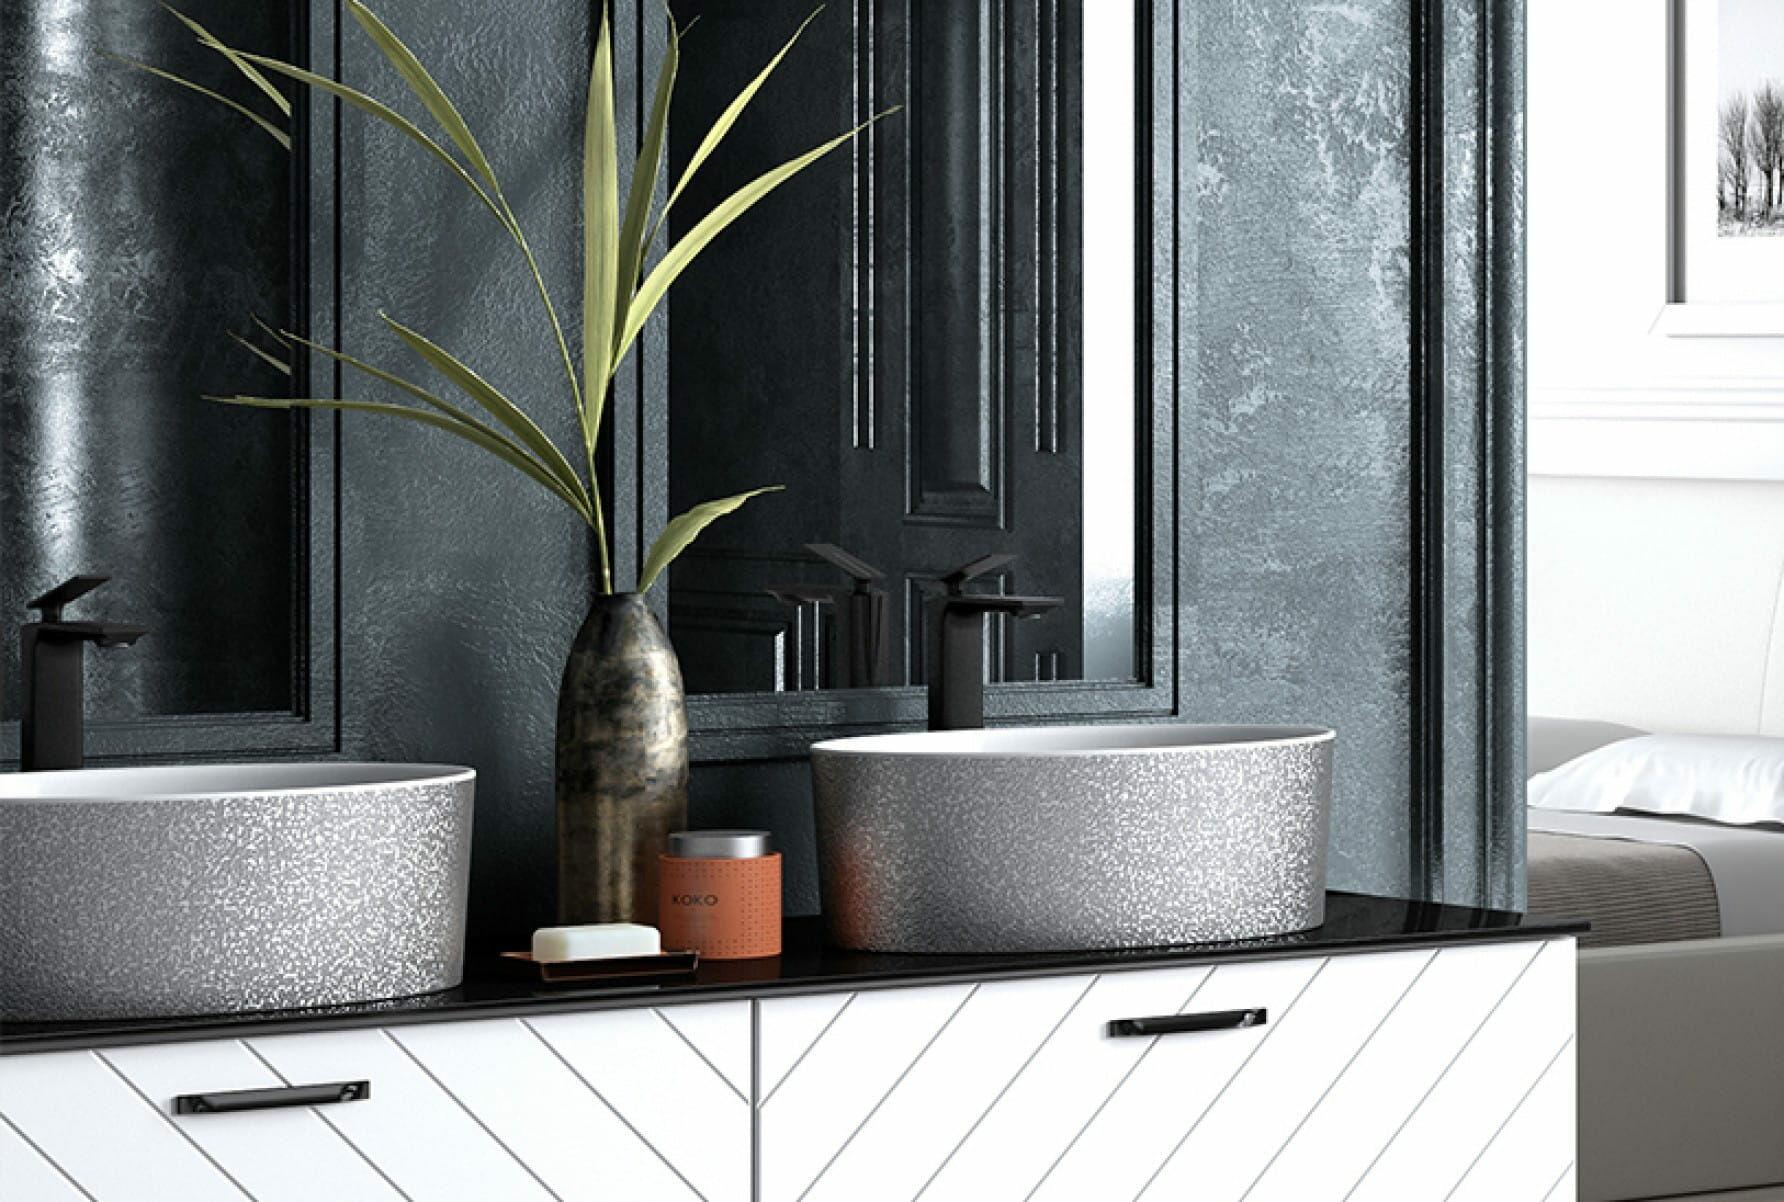 Besco umywalka nablatowa Uniqa Glam 32 x 46 x 17 cm biało-srebrna UMD-U-NGS